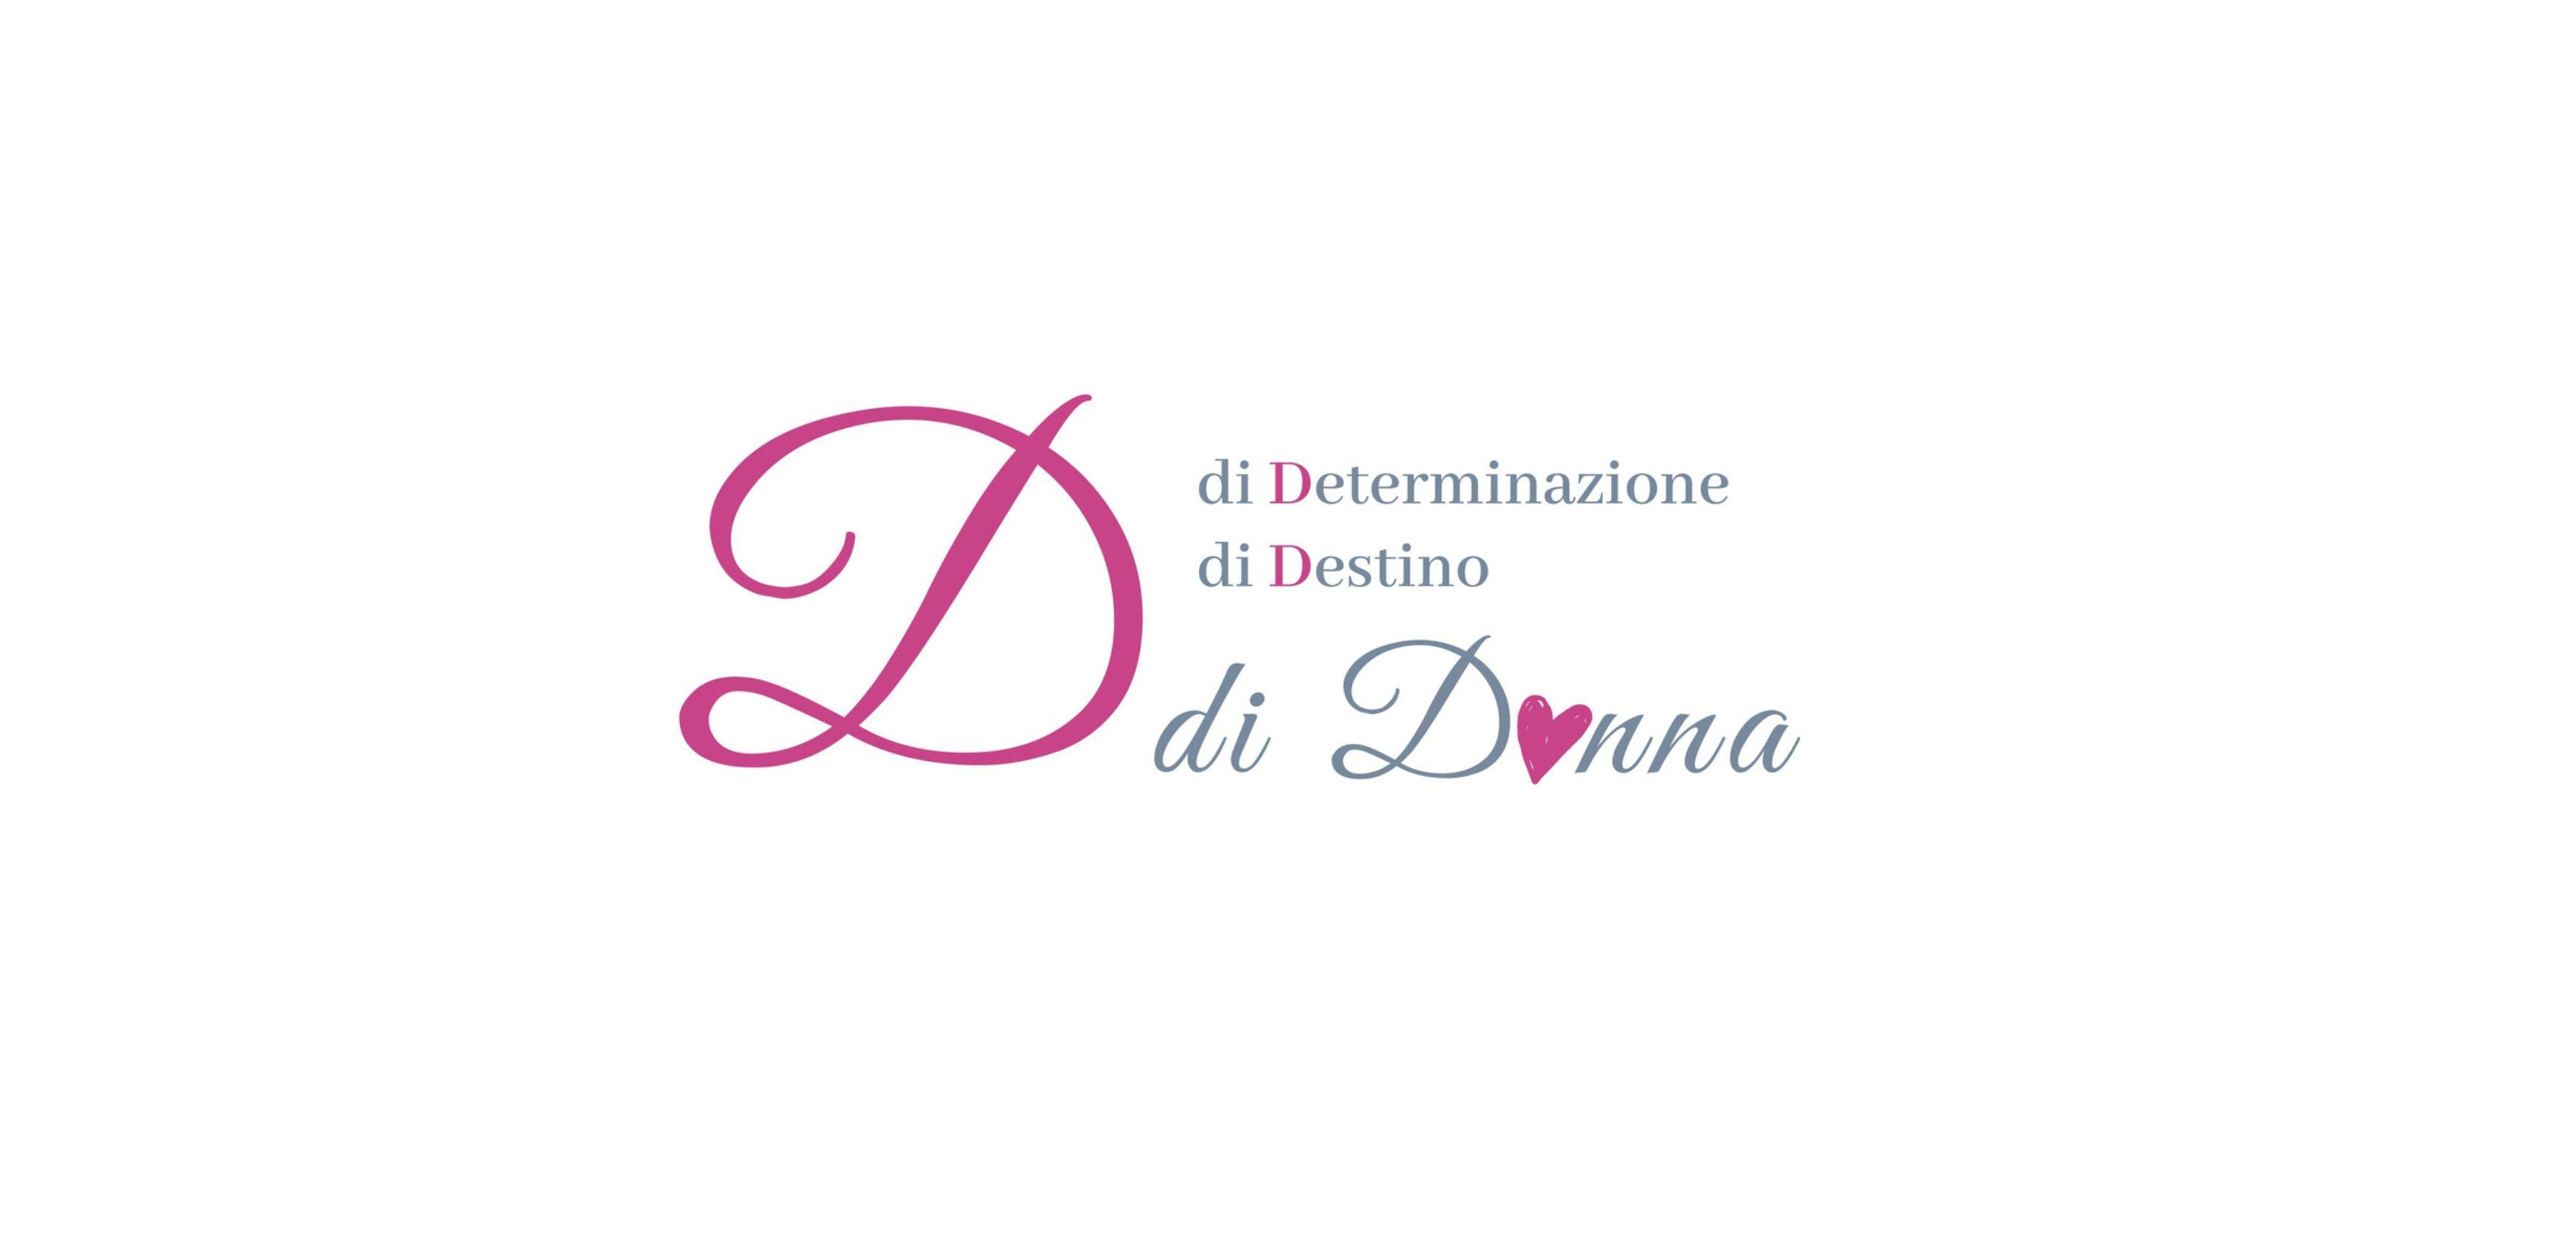 D di Donna